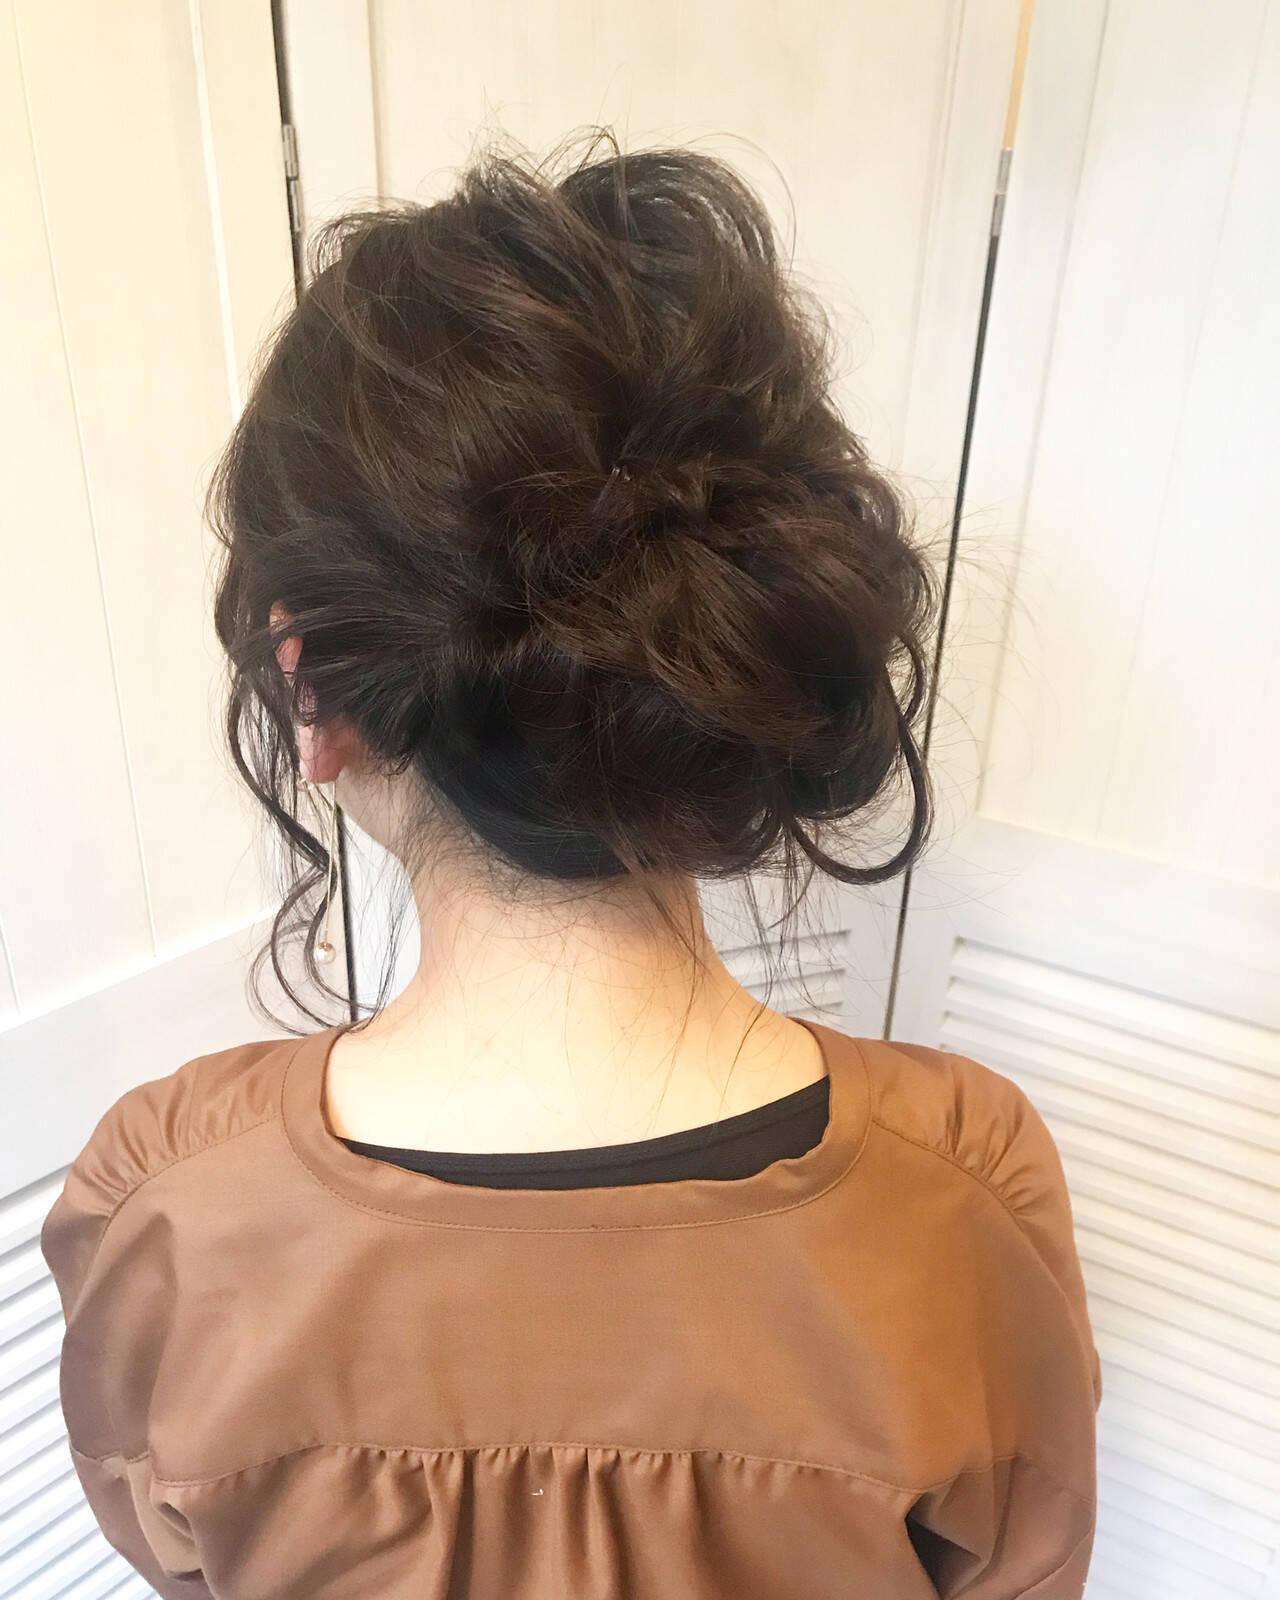 ヘアアレンジ お団子 ミディアム ルーズヘアスタイルや髪型の写真・画像